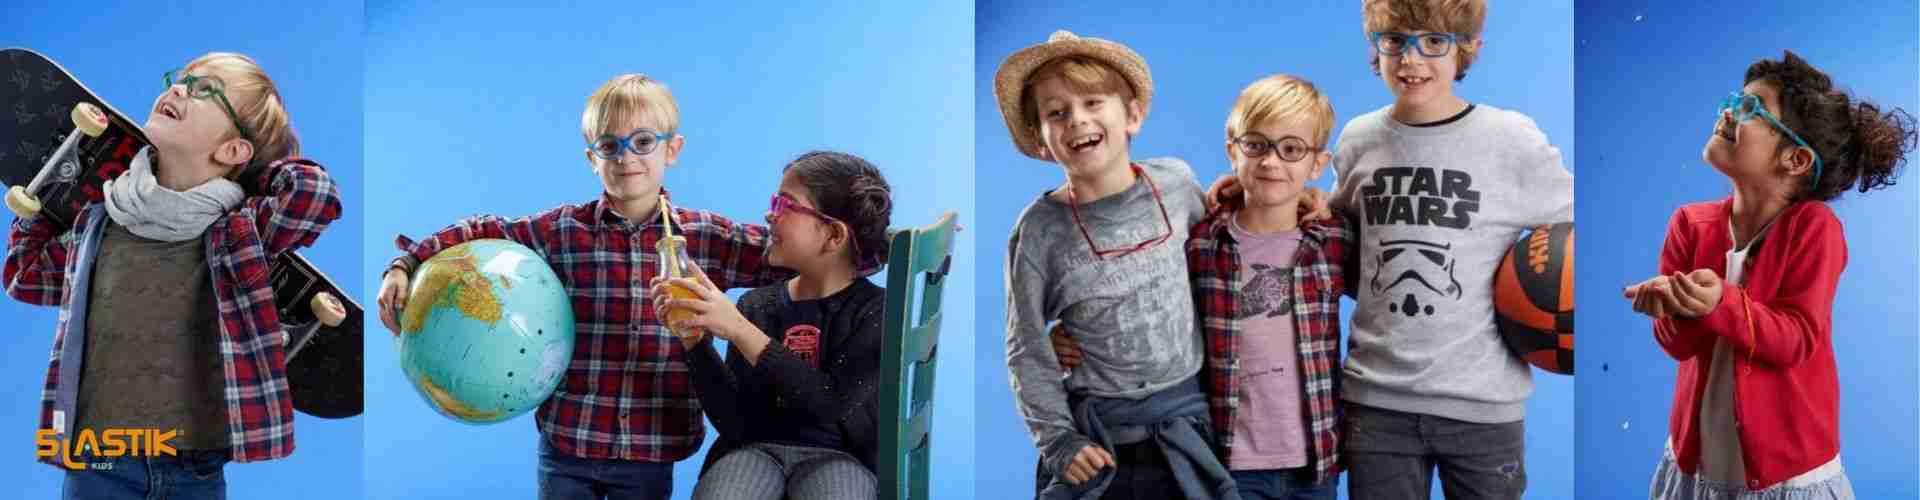 Dětské dioptrické brýle na magnet Slastik